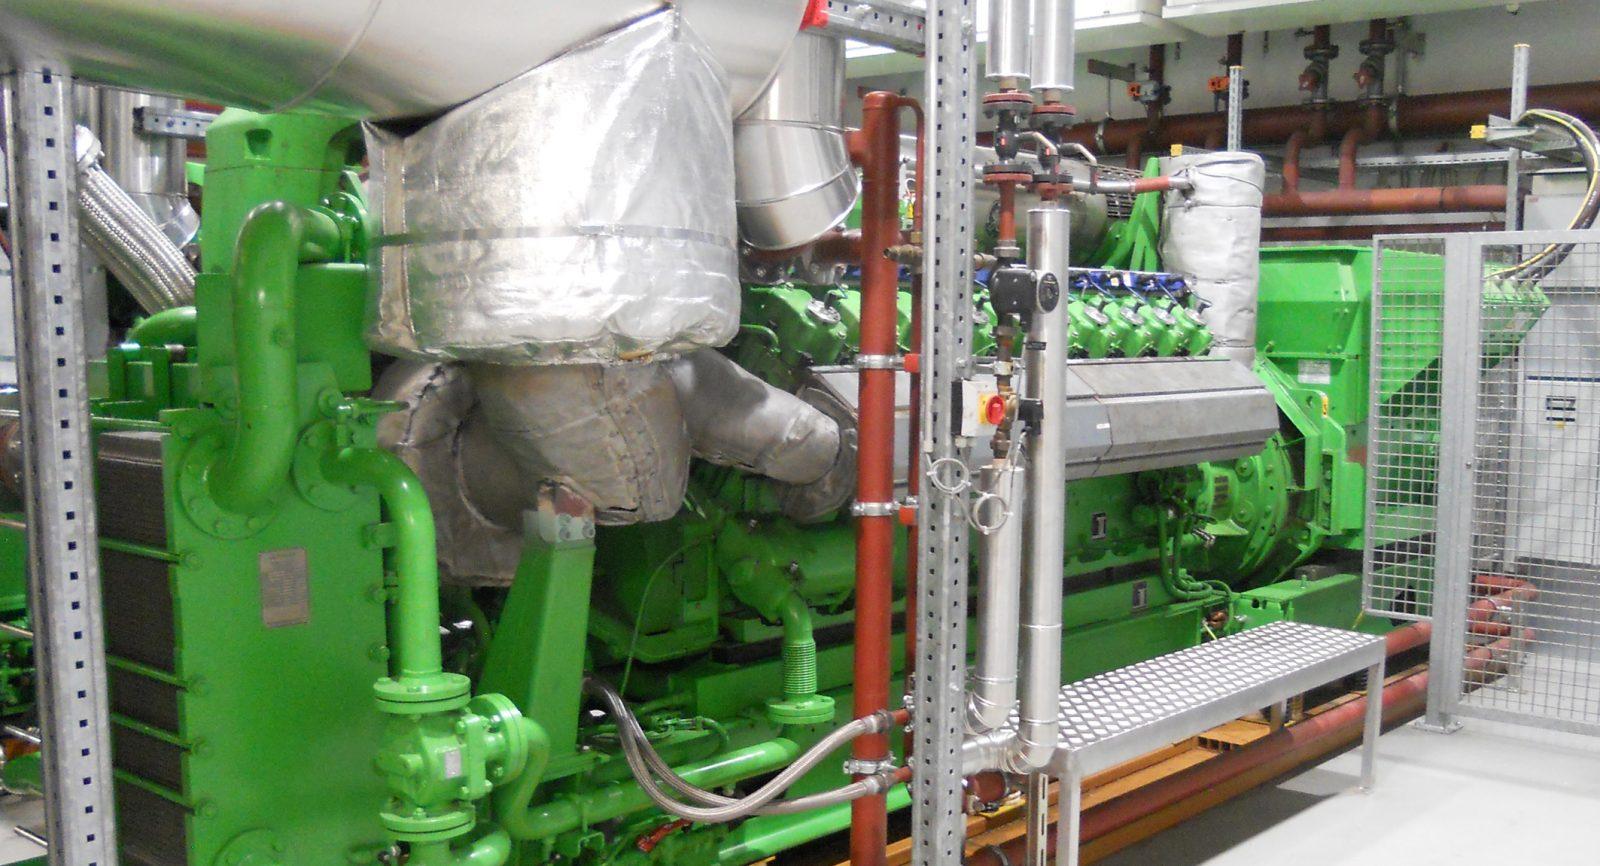 Eines der beiden Blockheizkraftwerke sowie der darüber angebrachte Wärmetauscher der Strahlungs-Wärmepumpe.